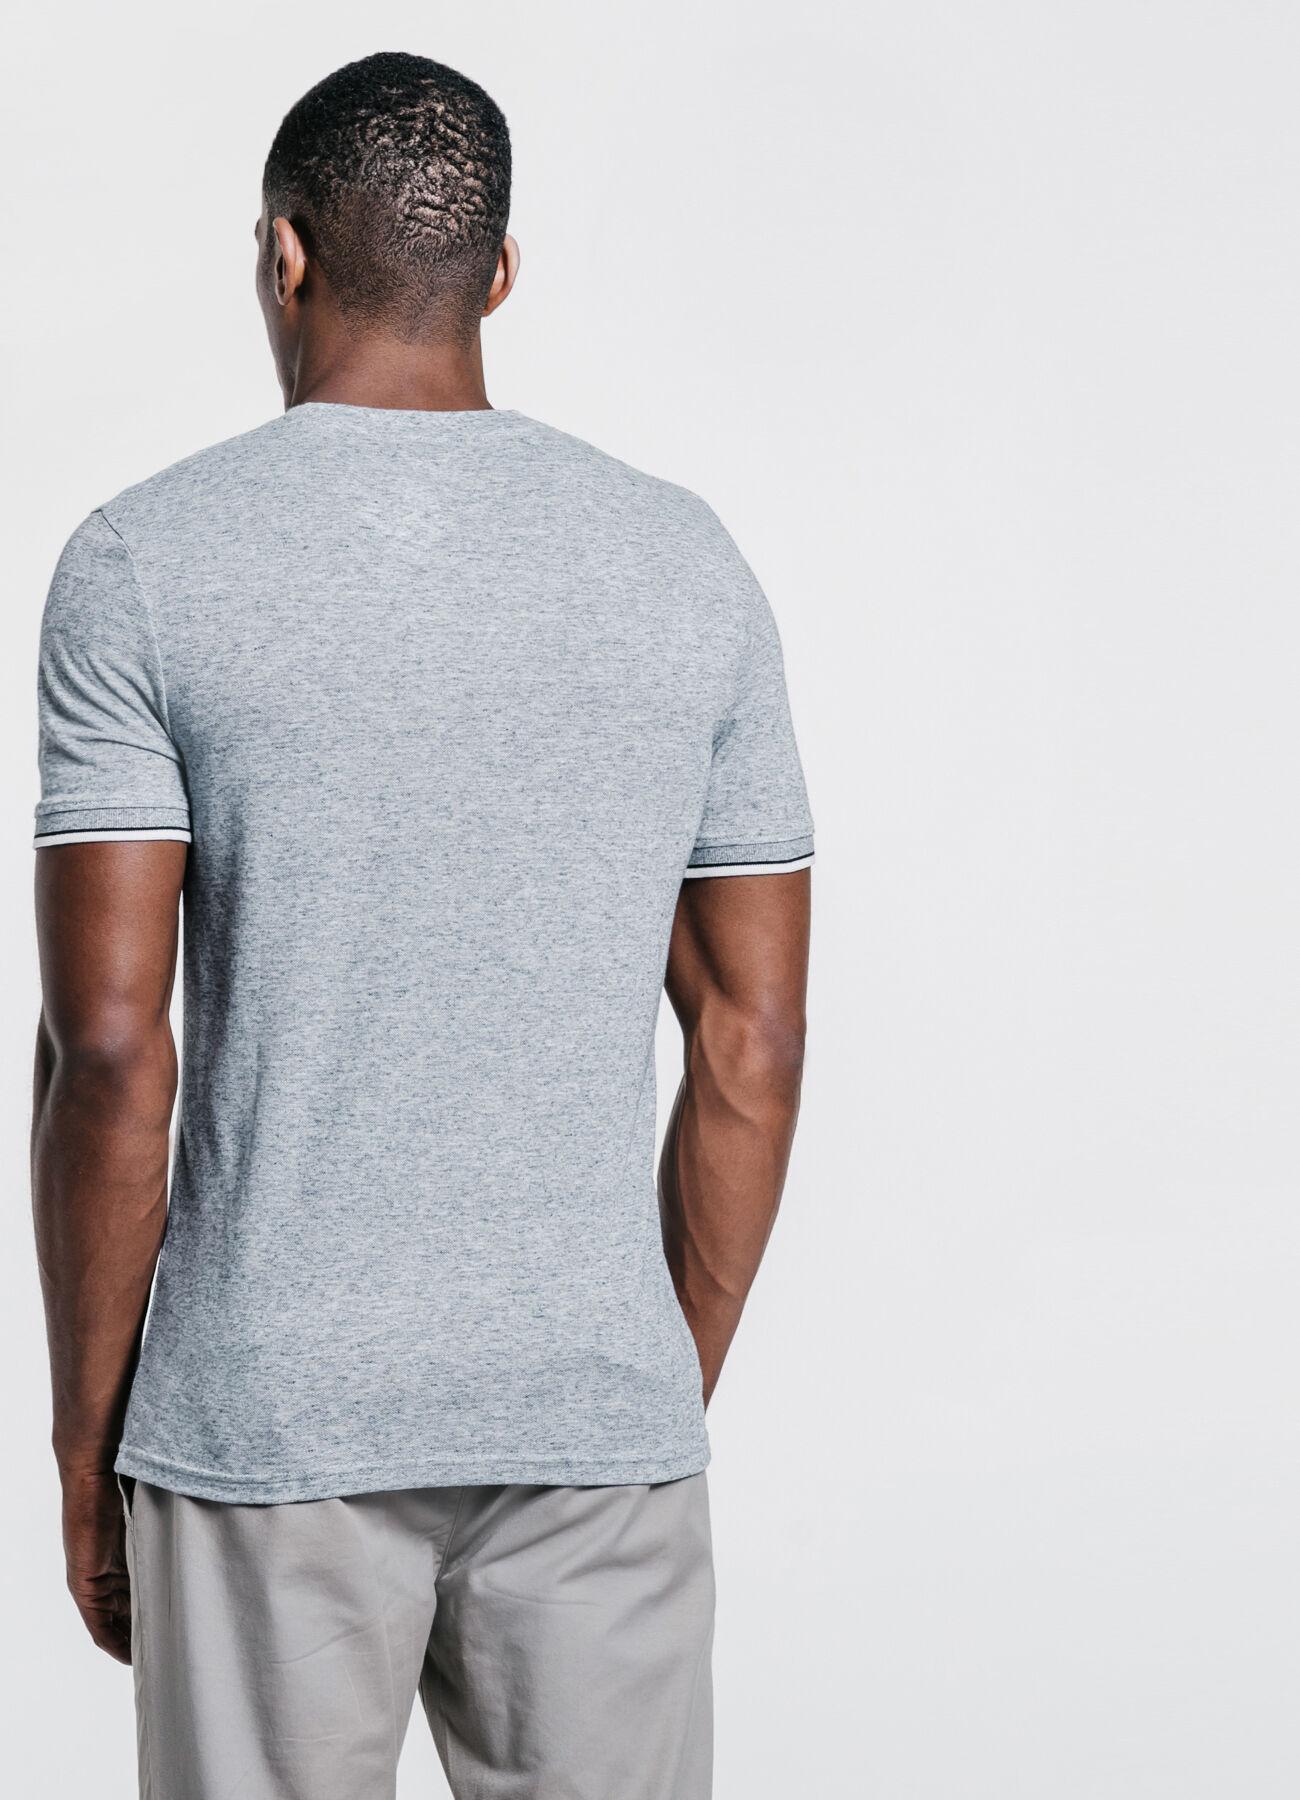 b68efaedb2c73a Tee shirt col rond uni poche poitrine Bleu Fantaisie Homme